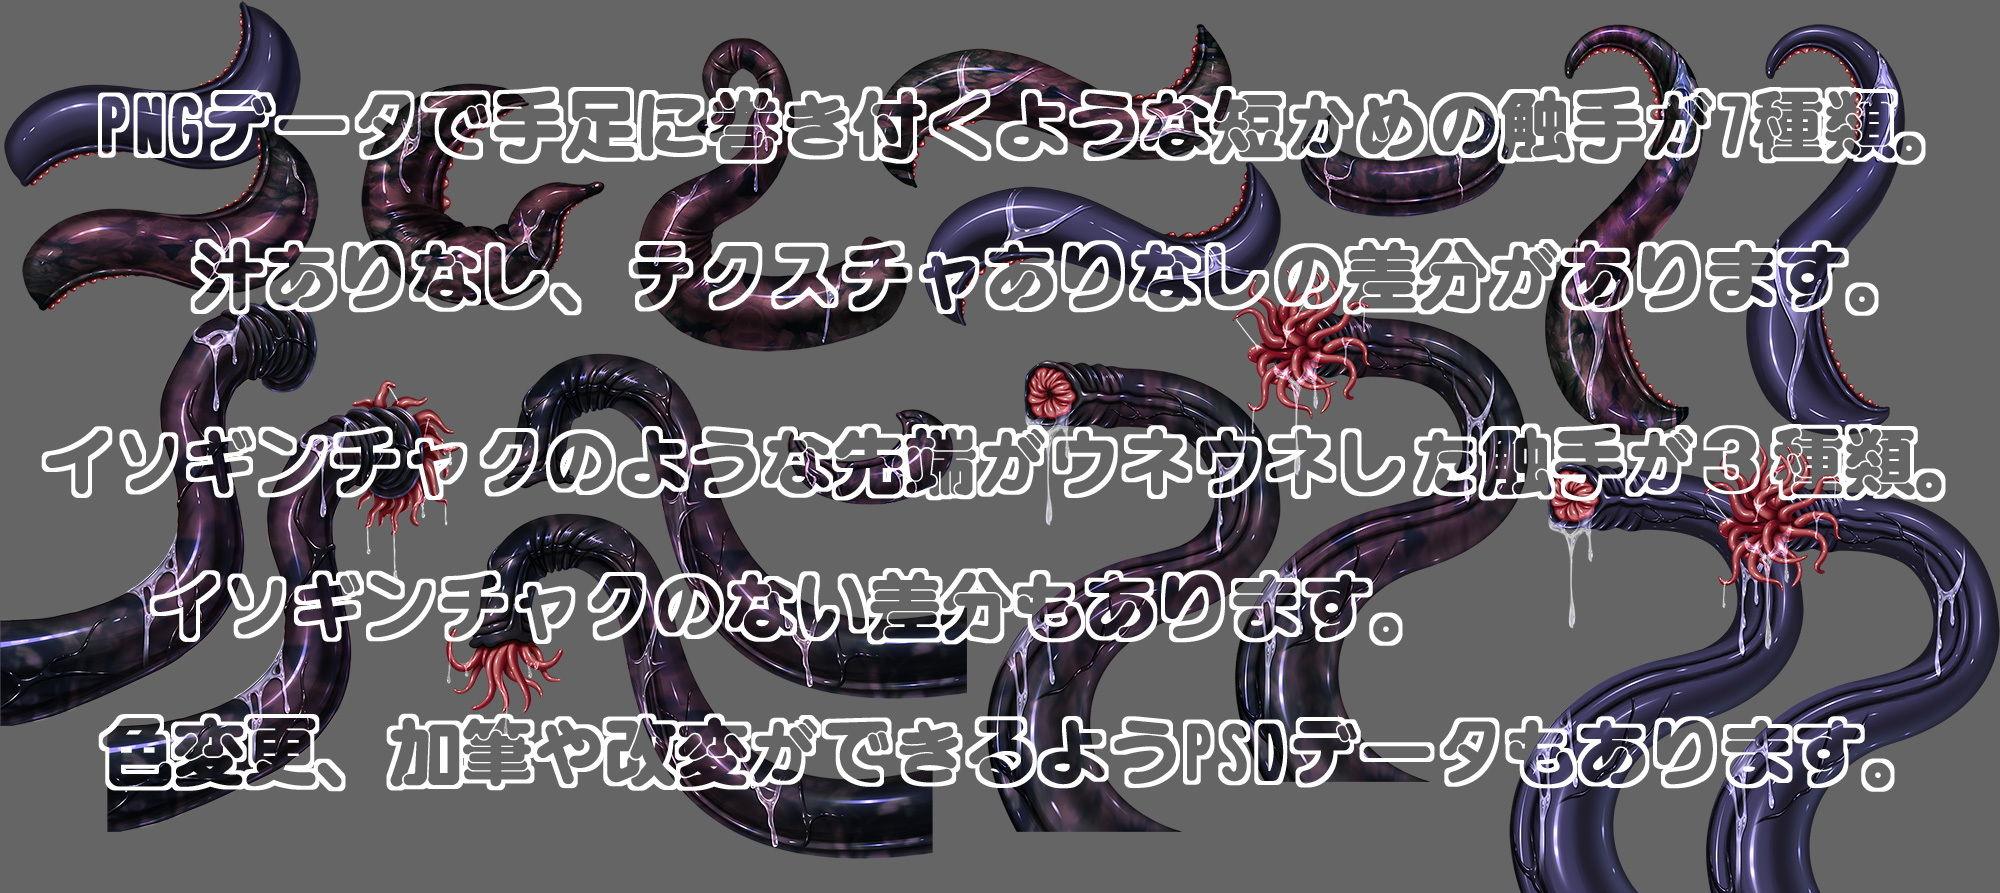 【キュキュキュのQのQ 同人】触手素材3